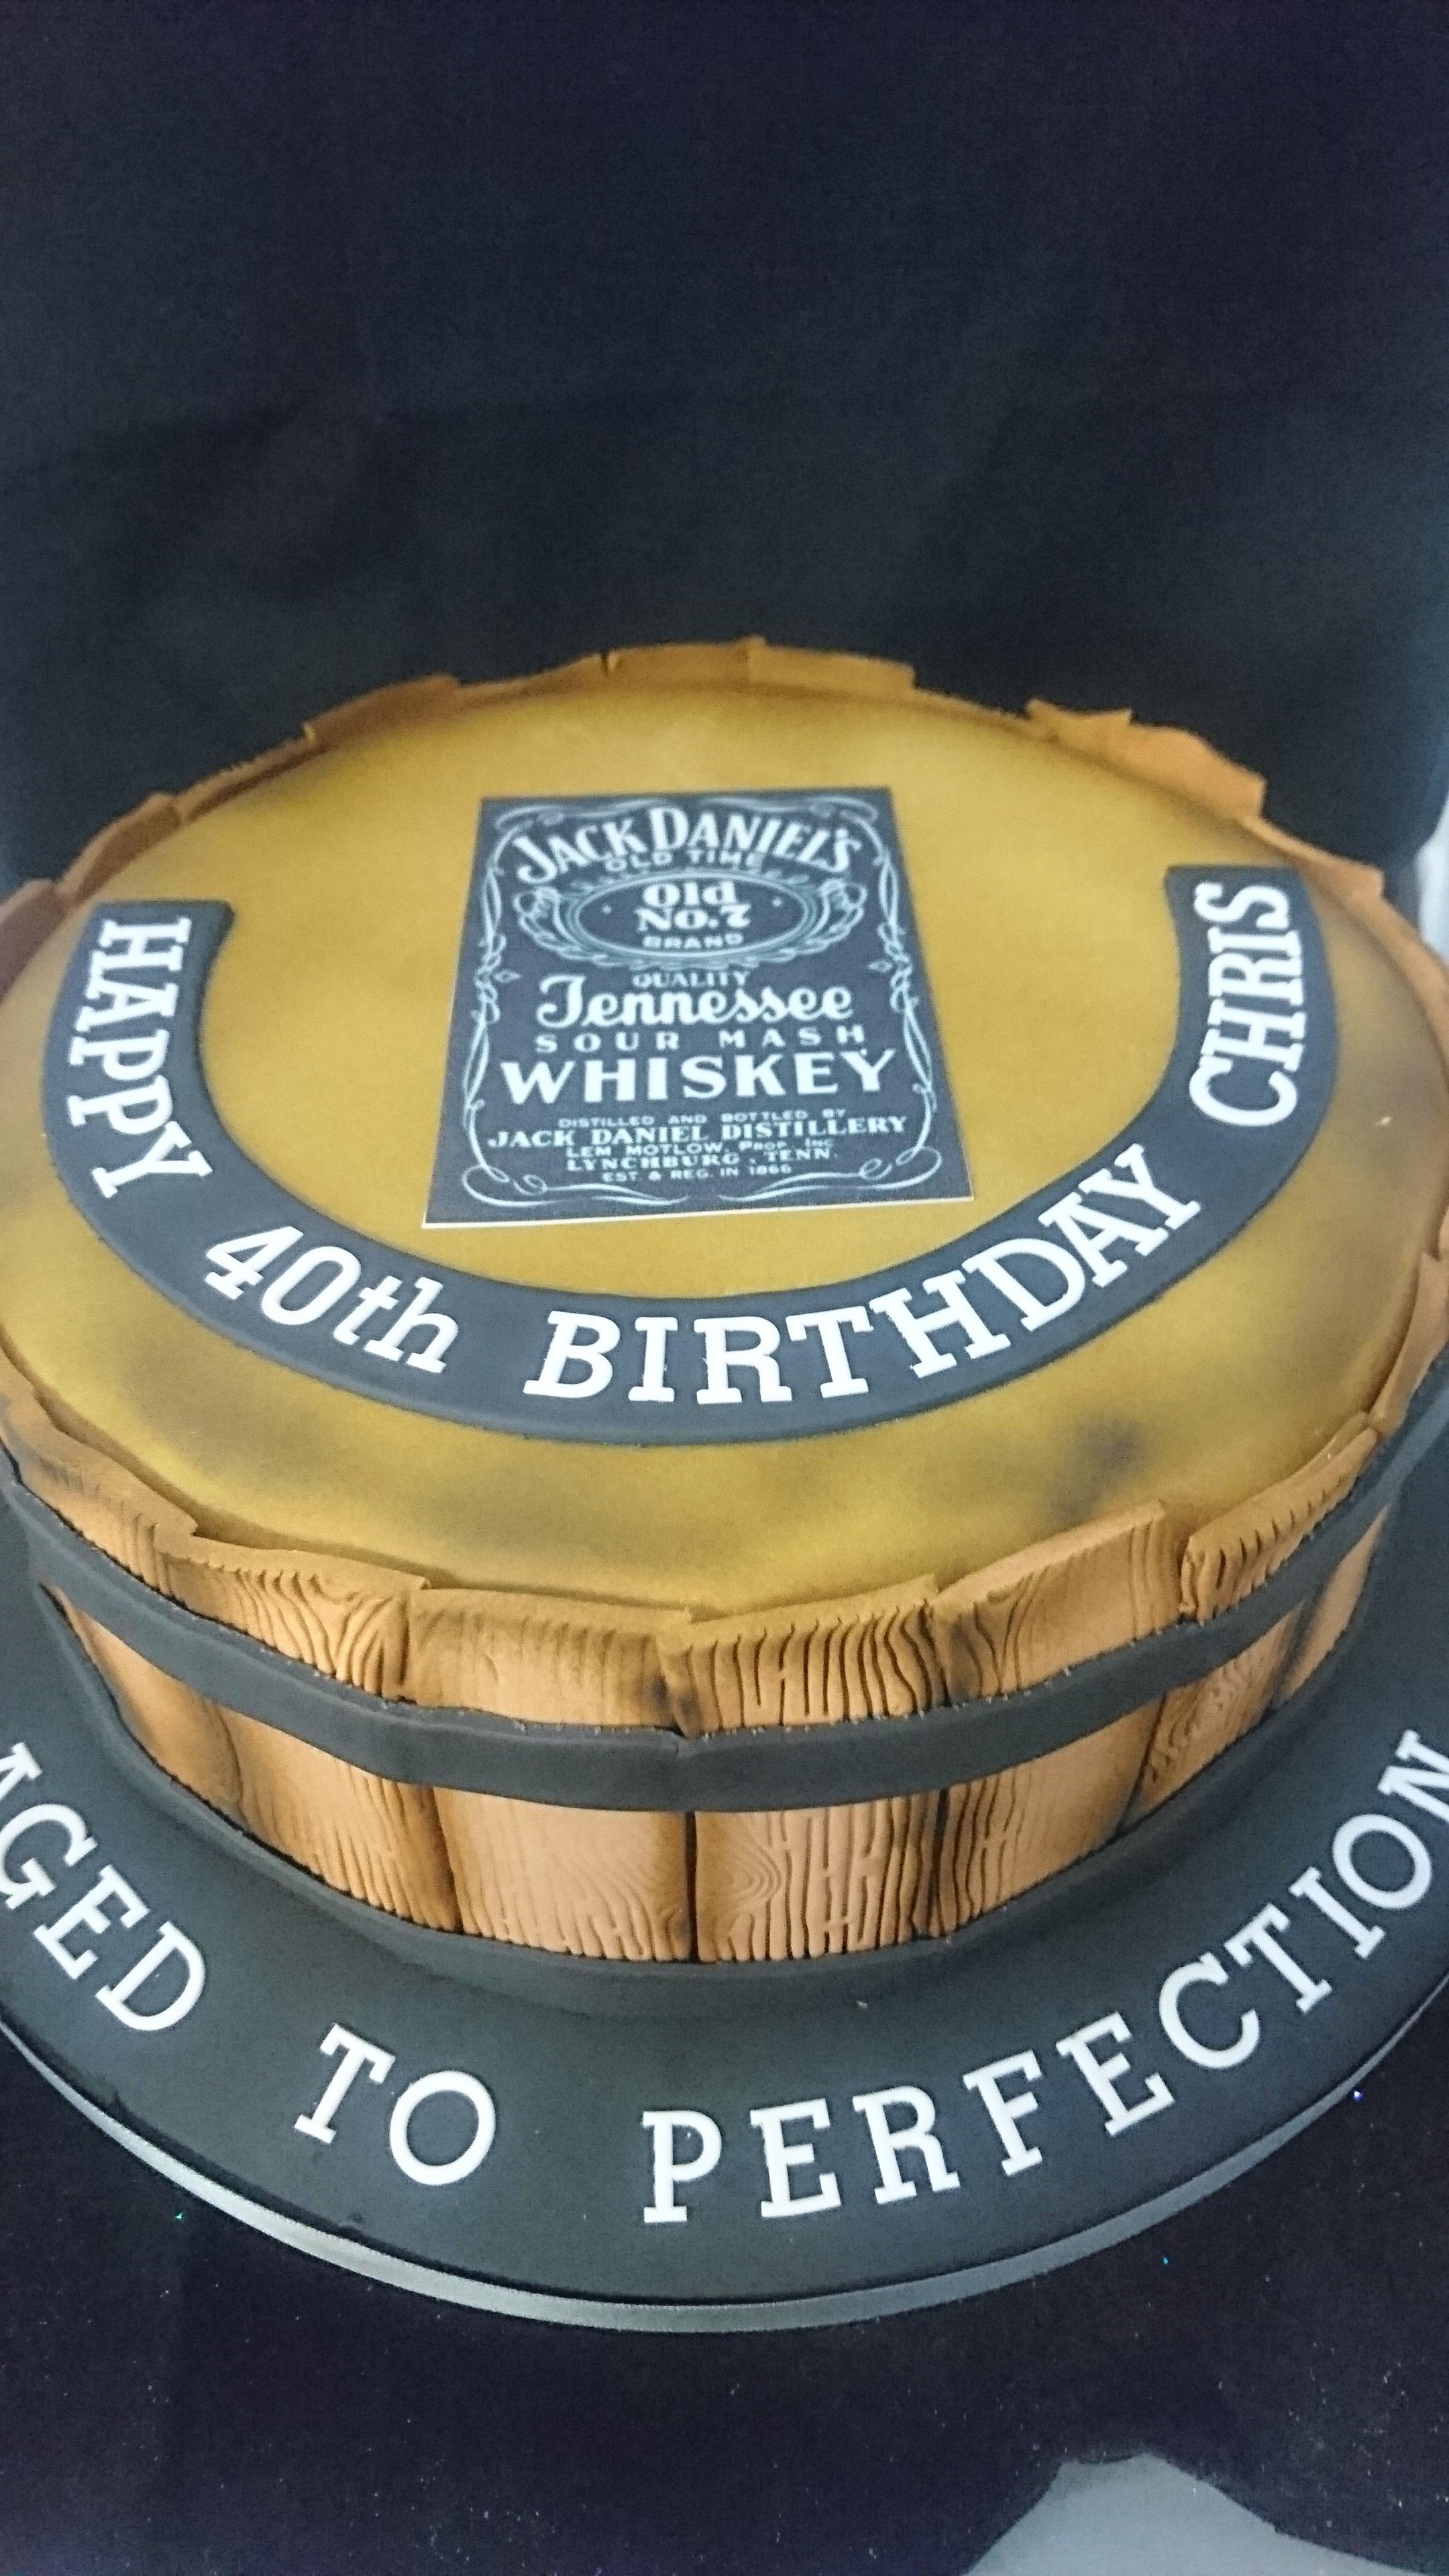 Superb Male Birthday Cakes Cakes By P Male Birthday Cakes Manchester Funny Birthday Cards Online Benoljebrpdamsfinfo